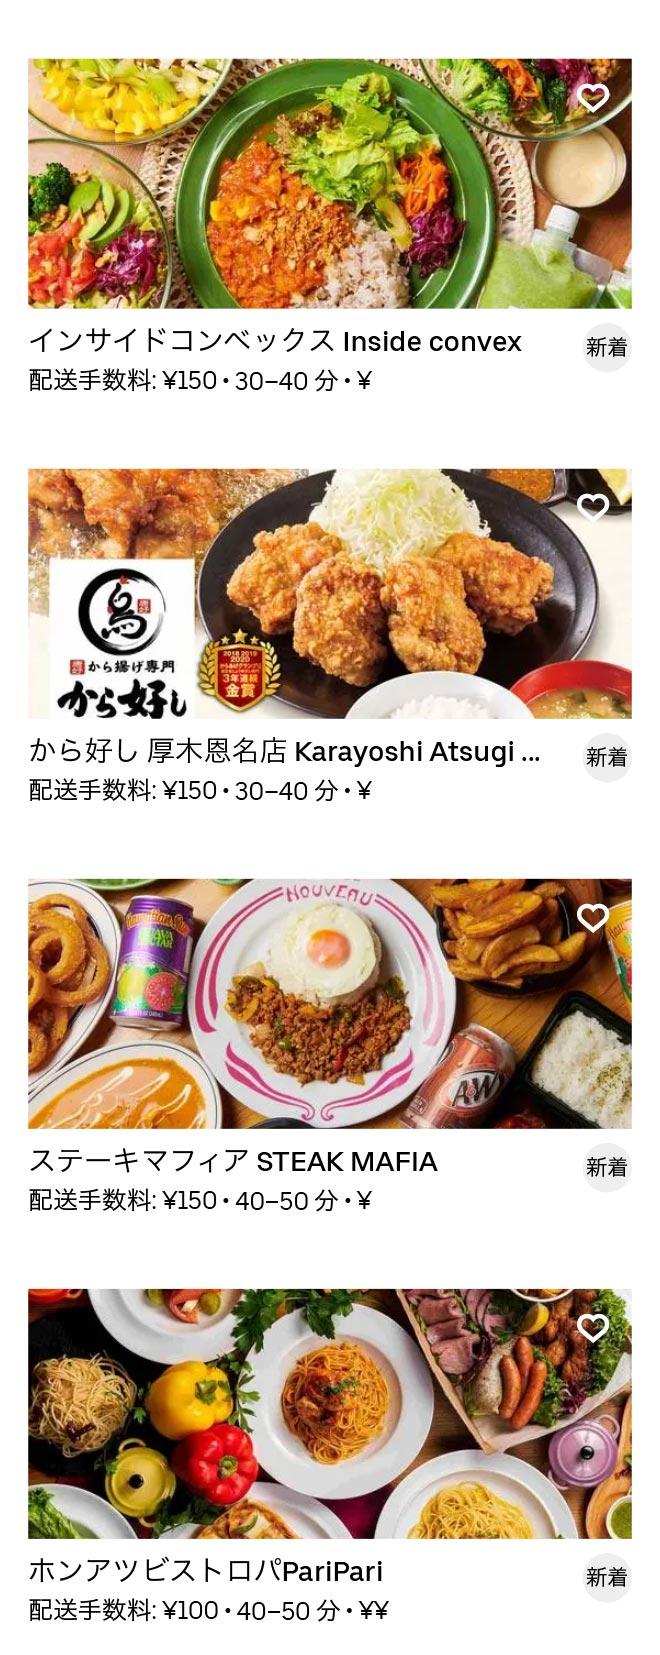 Honatsugi menu 2010 03